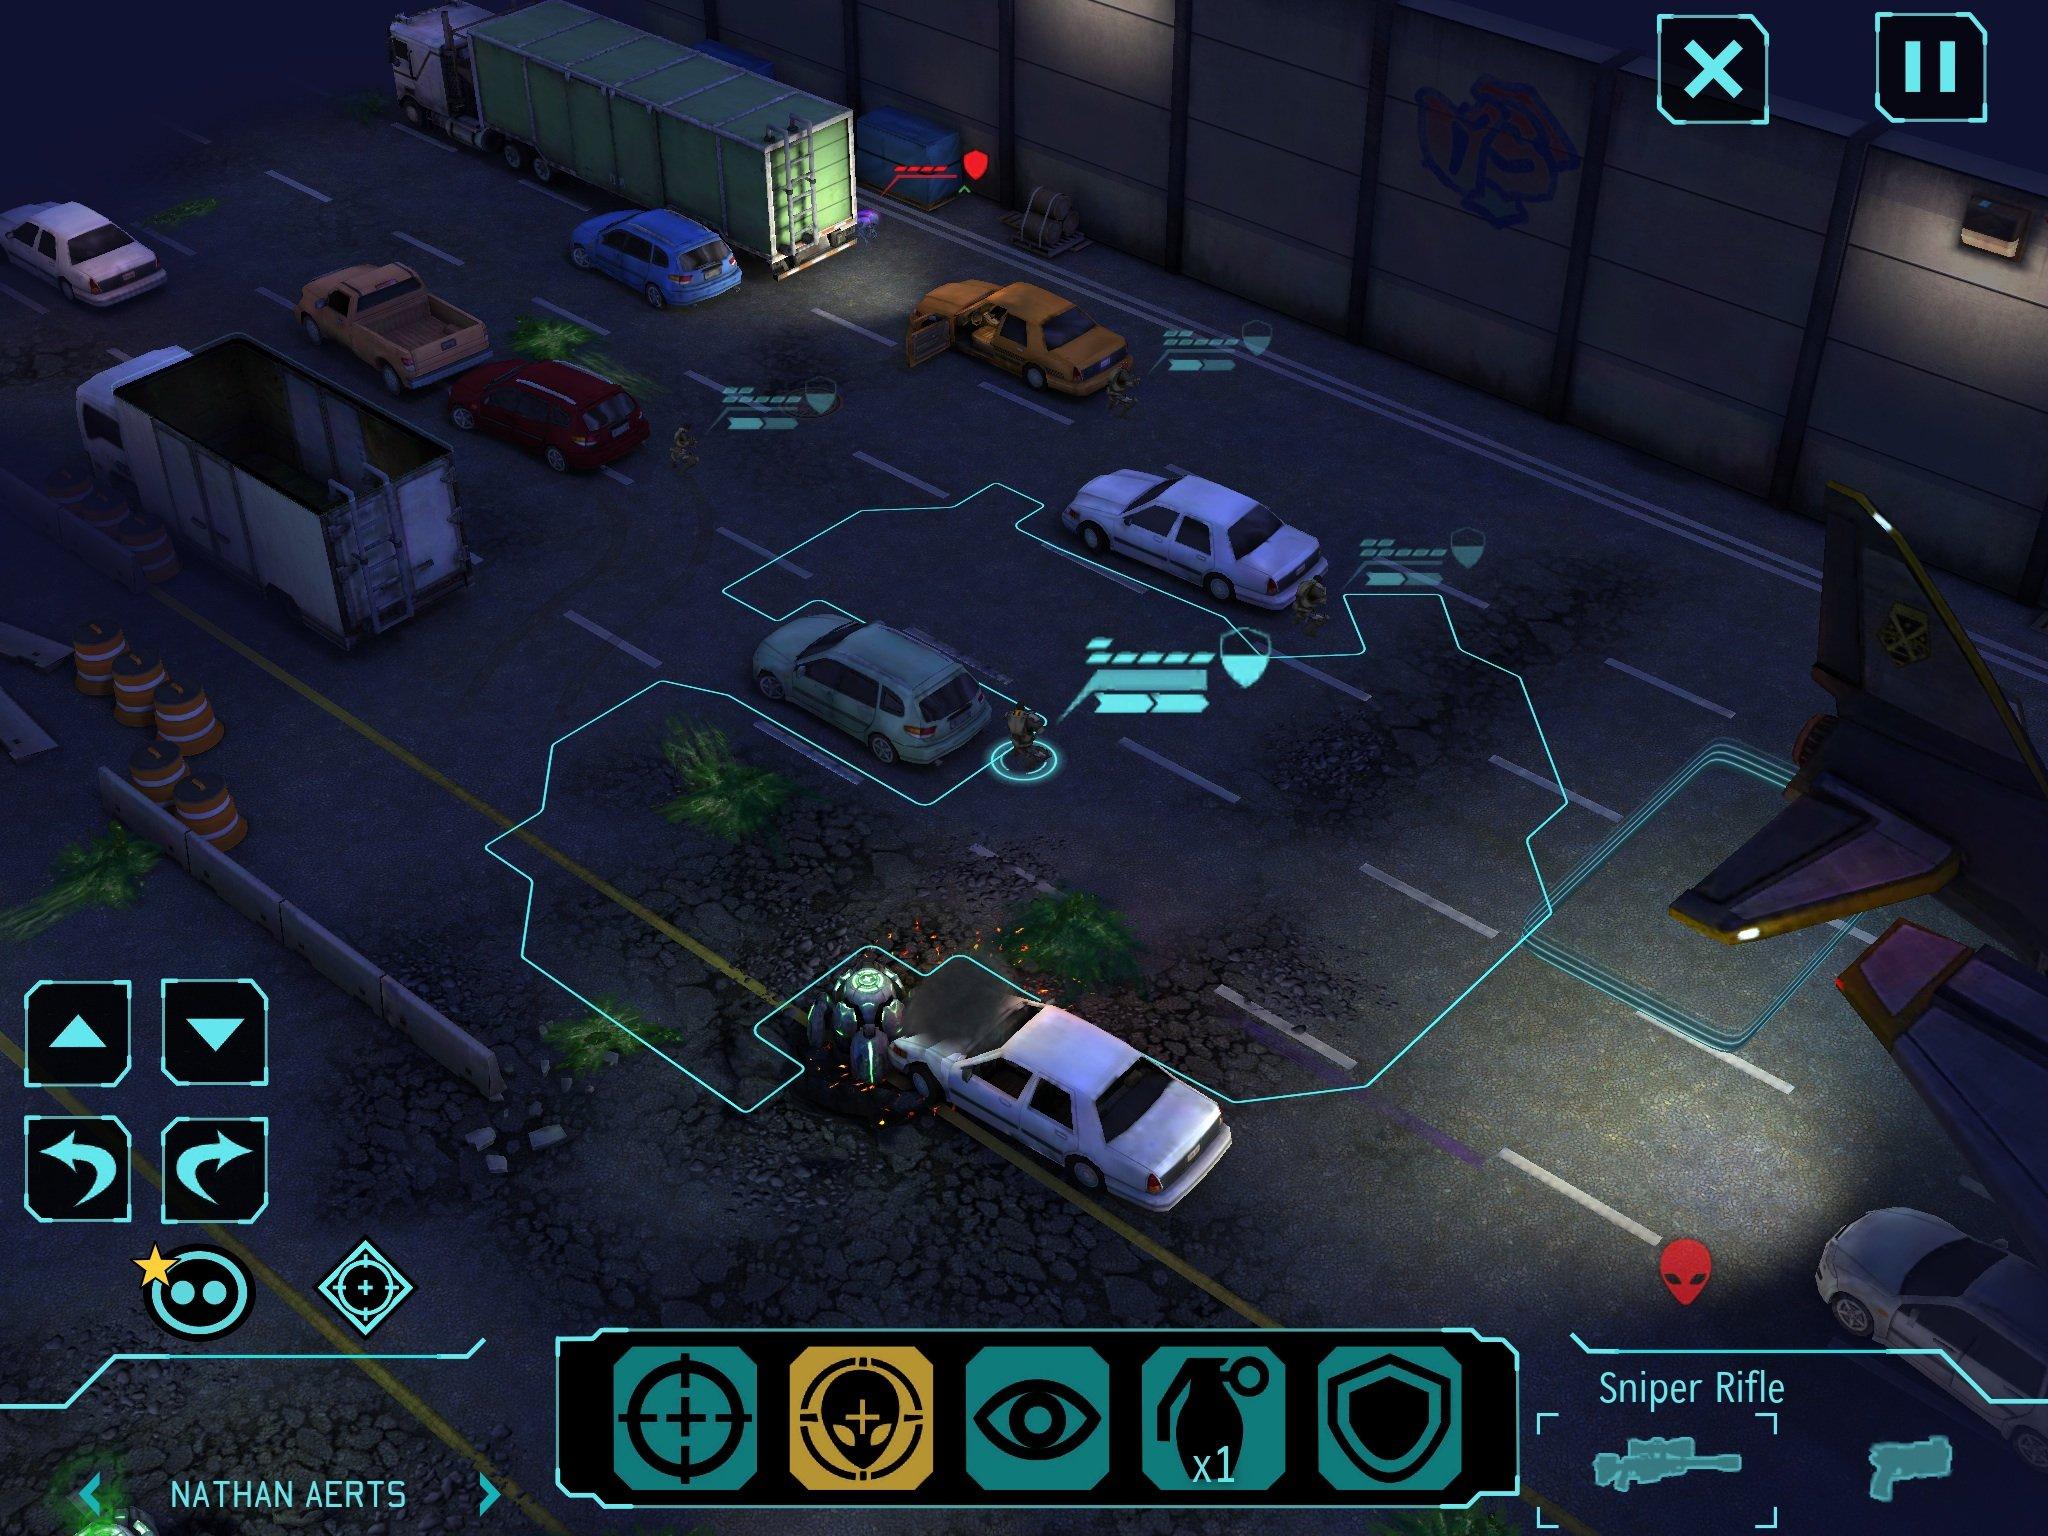 XCOM: Enemy Unknown для #ios выходит сегодня. Буржуи очень хвалят и говорят, что порт практически идеальный. Ну что ... - Изображение 1